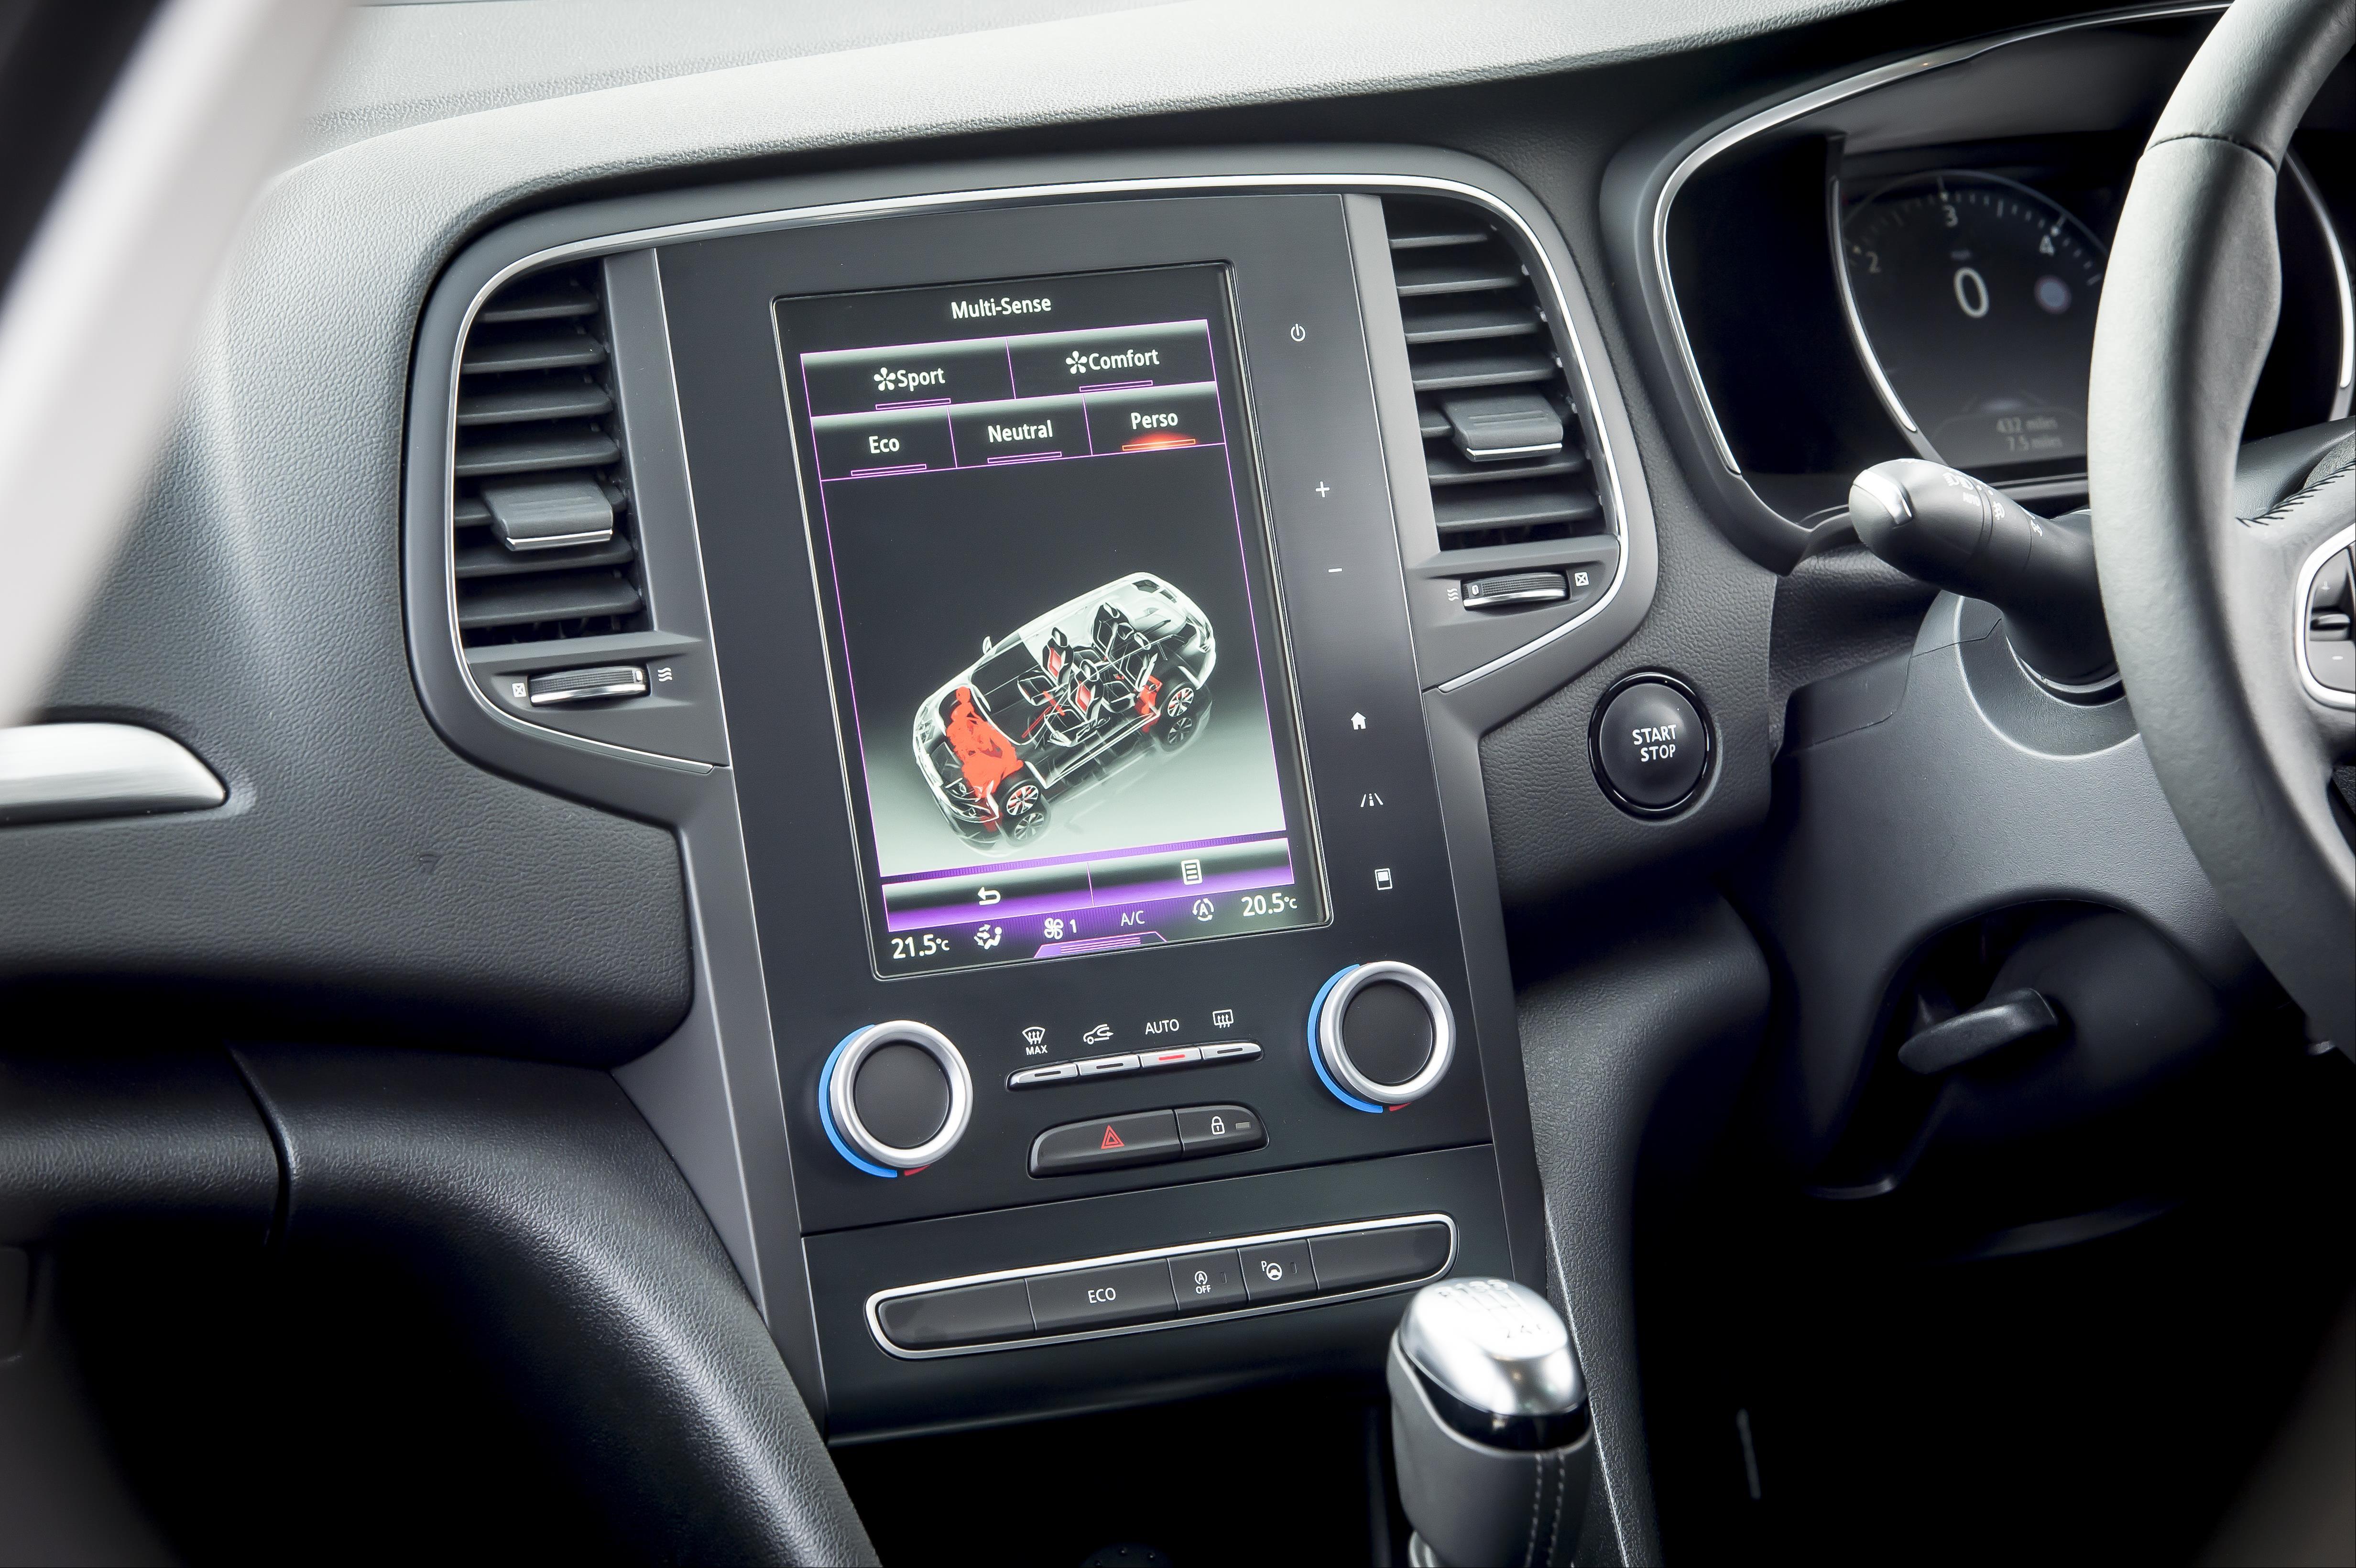 Renault Megane Sport Tourer Car Functions